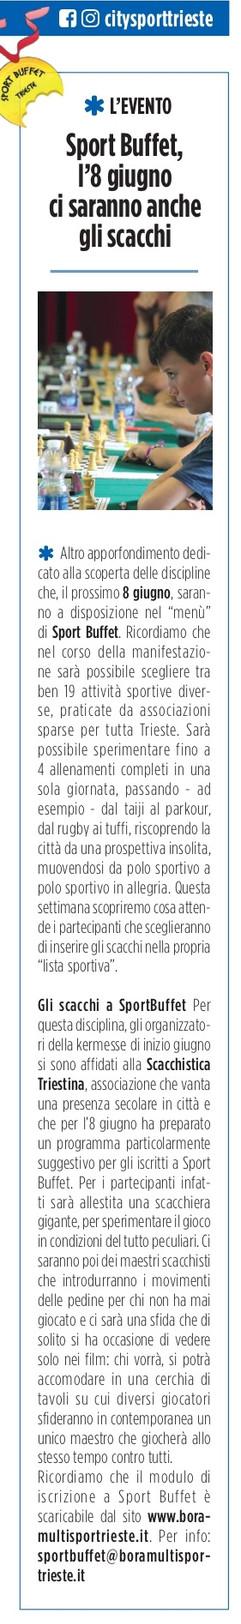 19_03_11_CitySport_scacchi.jpg